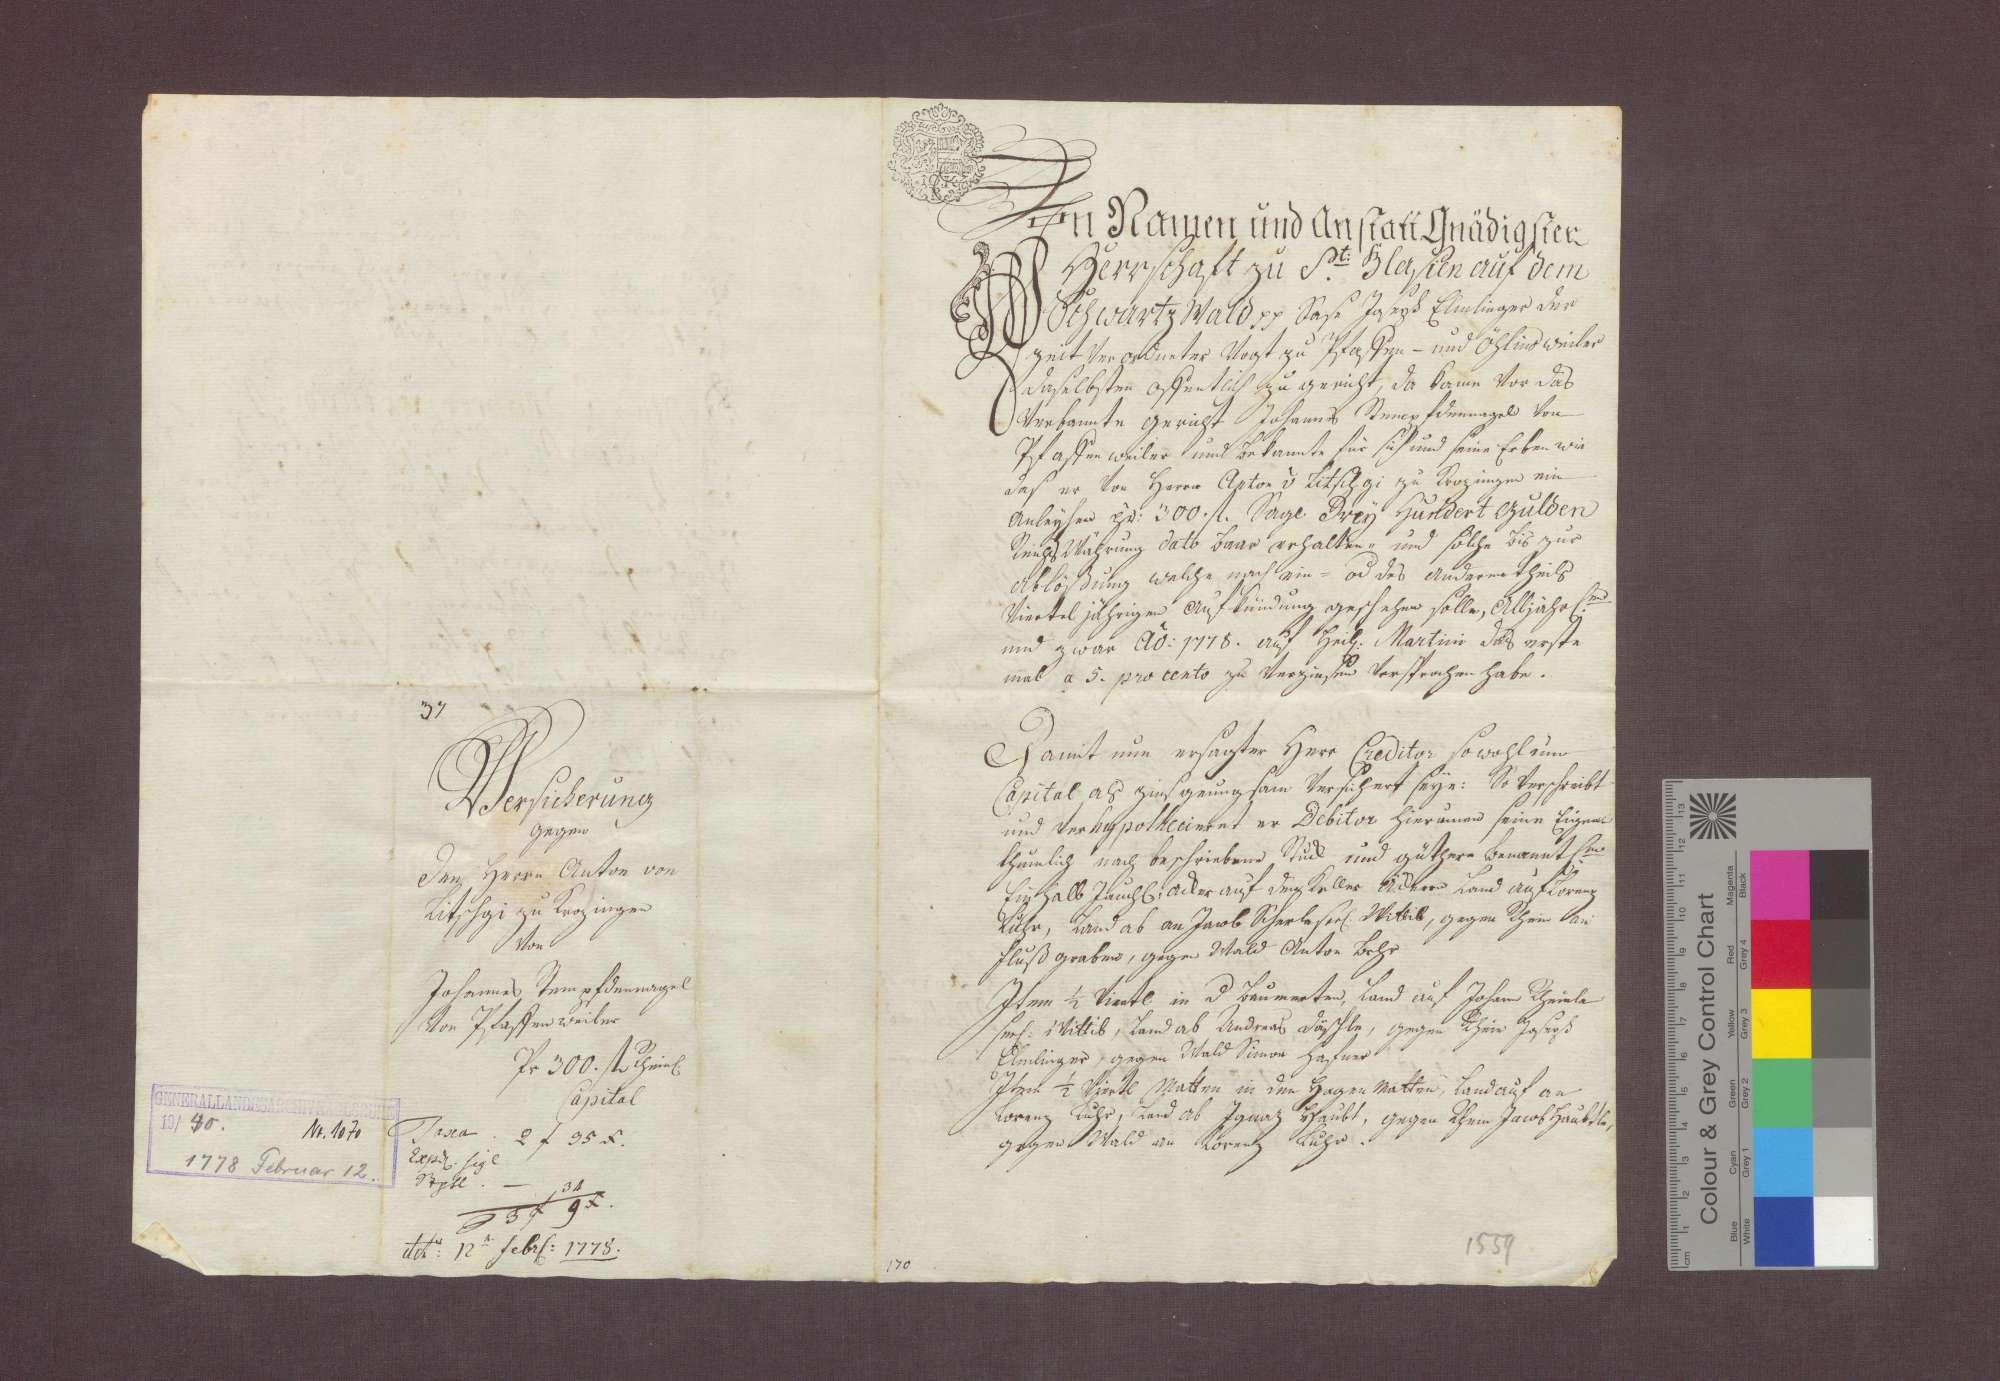 Schuldverschreibung des Johannes Stempfdennagel von Pfaffenweiler gegenüber Anton von Litschgi in Krozingen., Bild 1